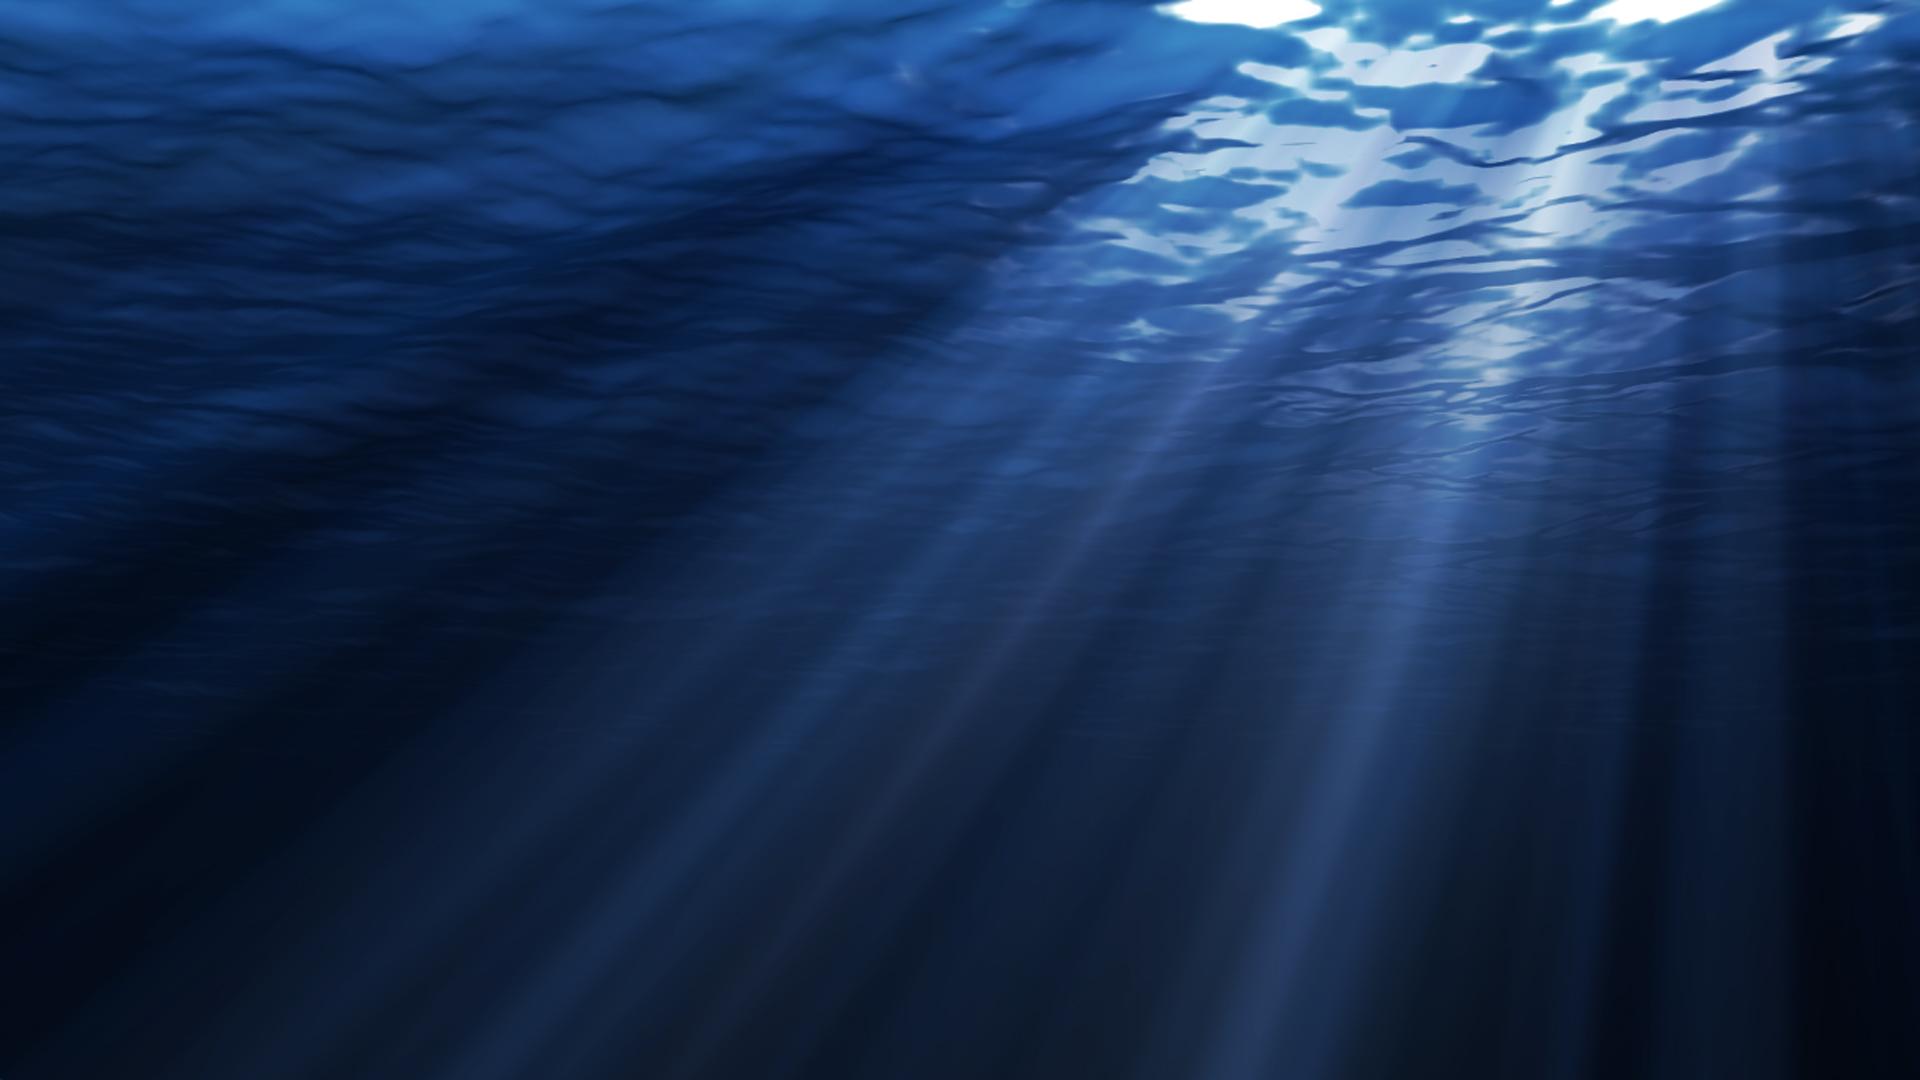 Hd wallpaper underwater - Logonstudio Explore Underwater Wallpapers Hd Free 173571